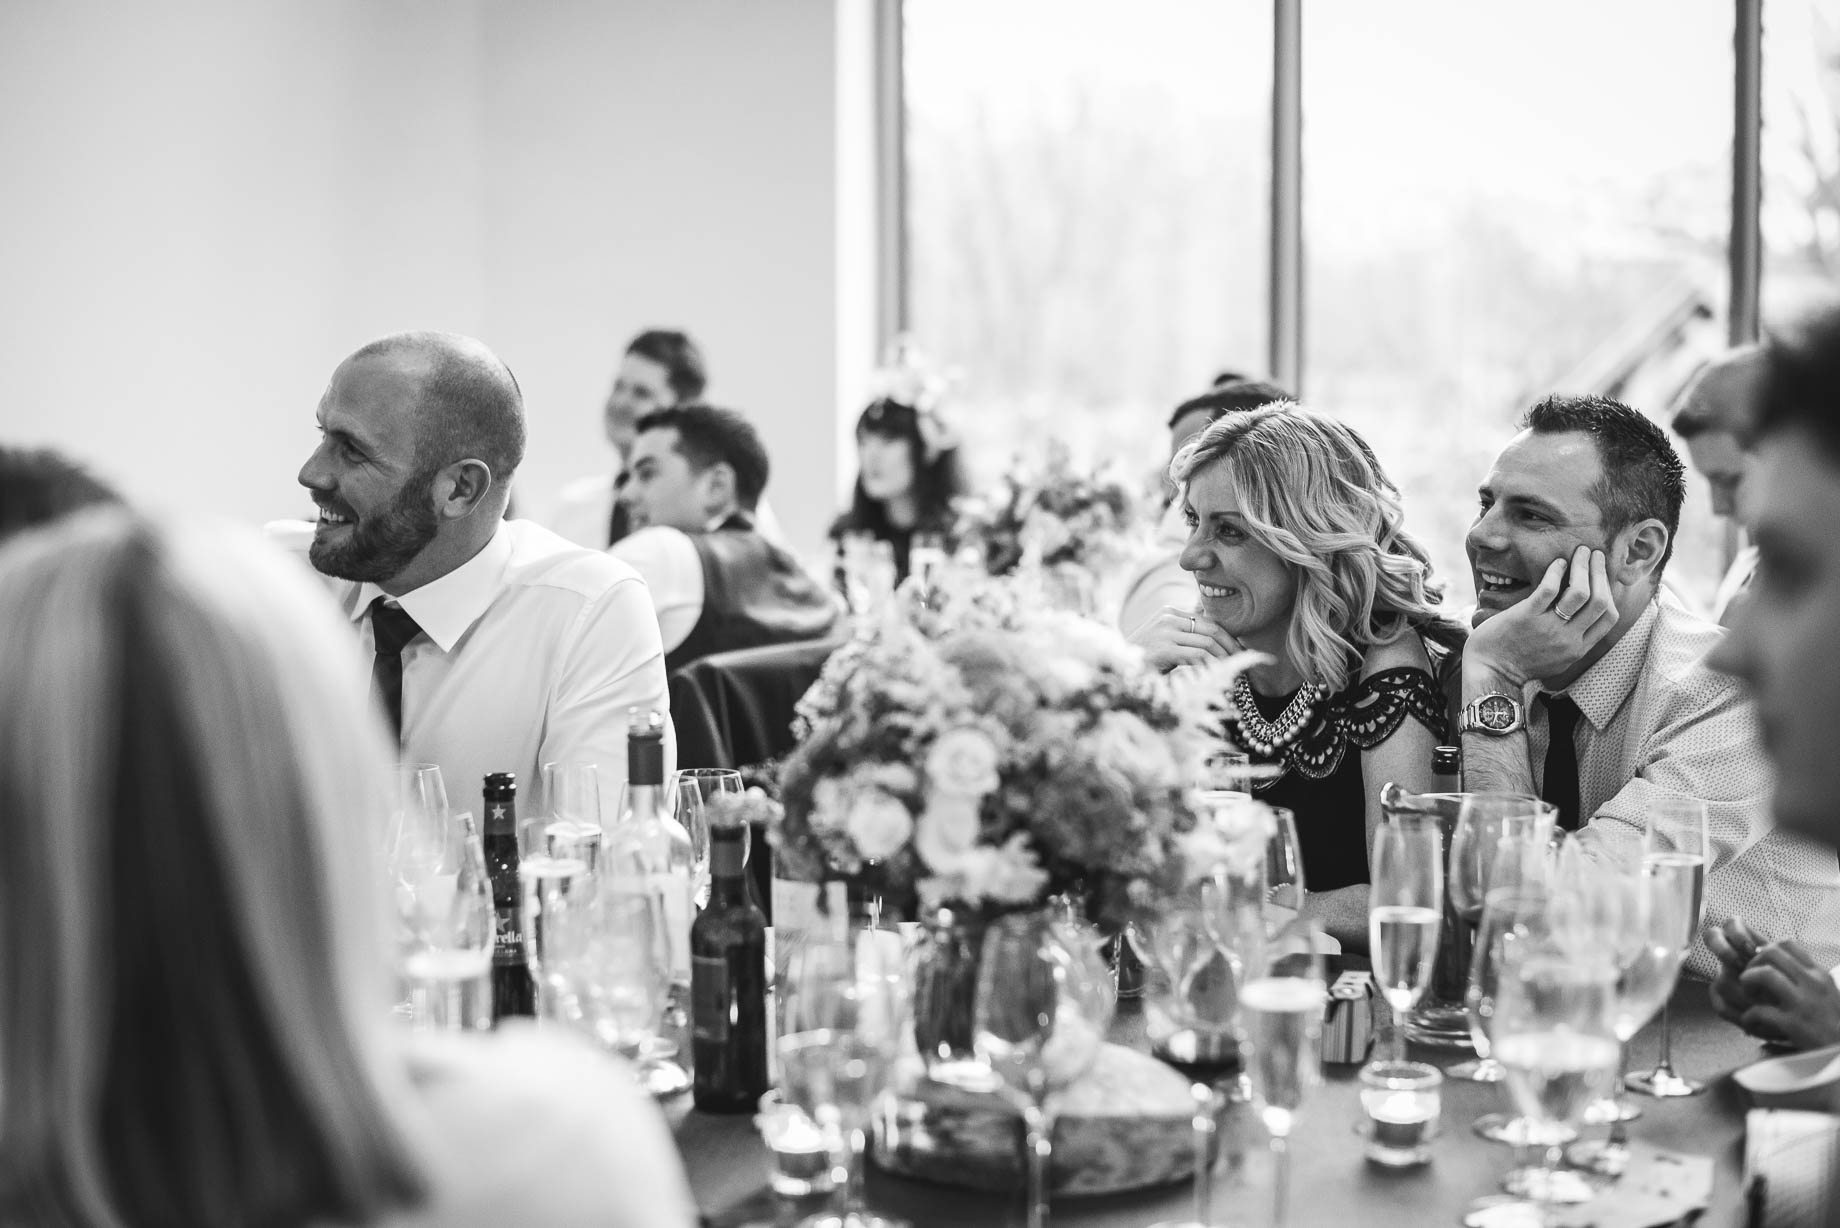 Millbridge Court Wedding Photography - Lisa and Daniel (146 of 173)